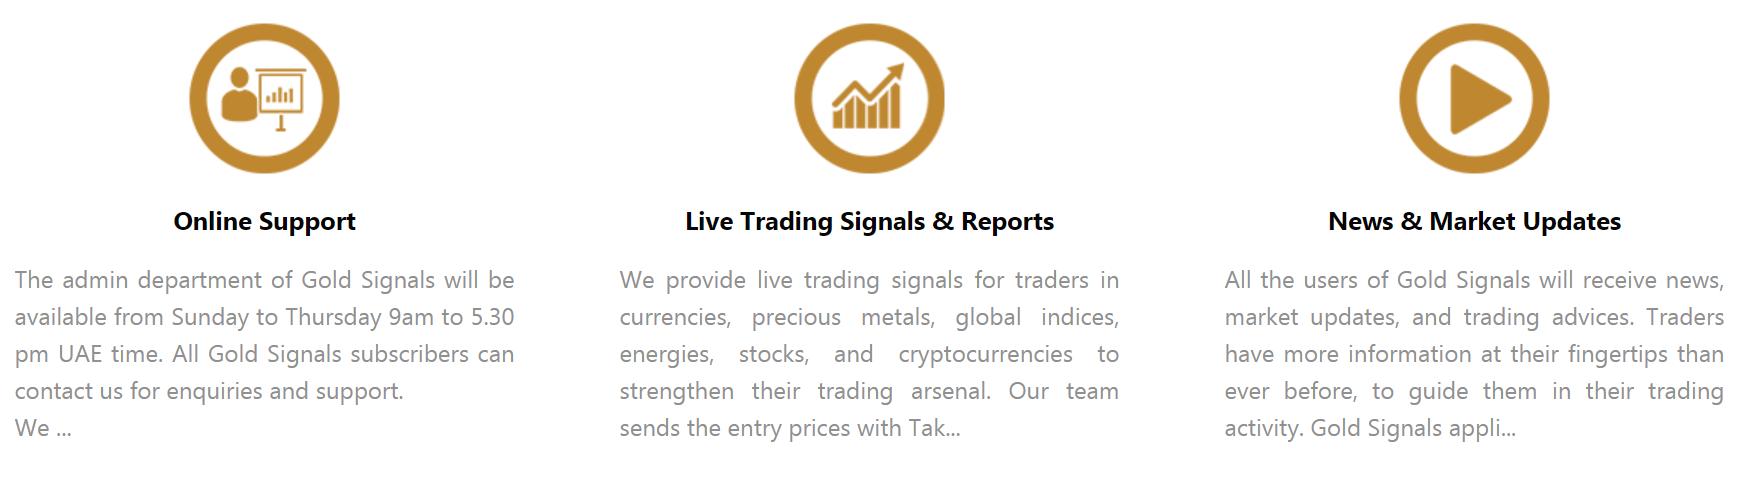 Gold Signals presentation